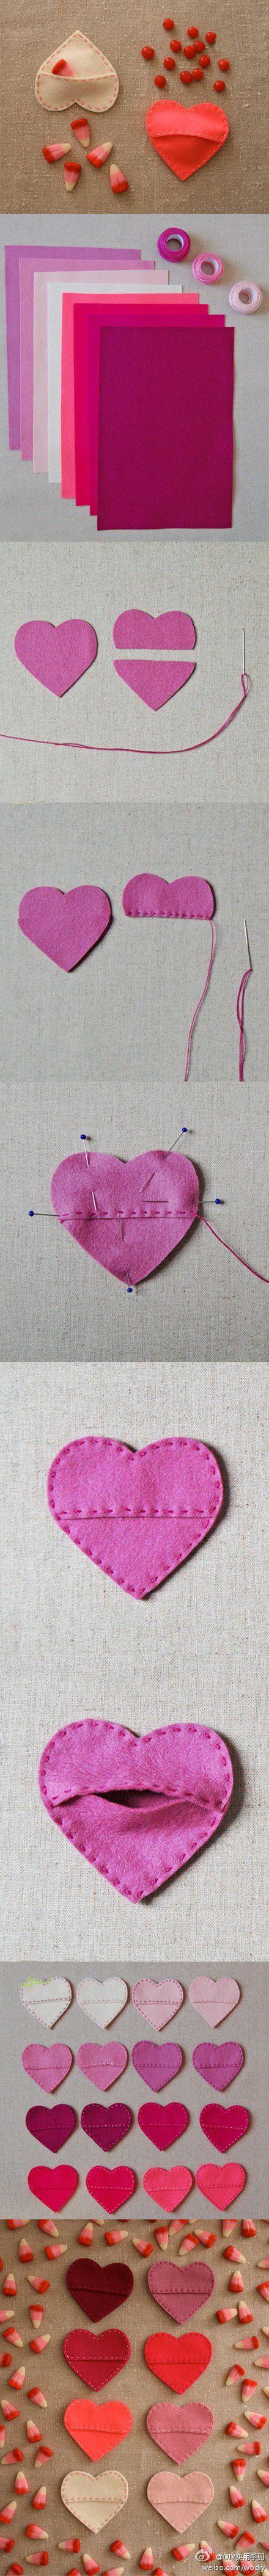 DIY-coeur-en-feutre-pour-offrir-à-la-St-Valentin